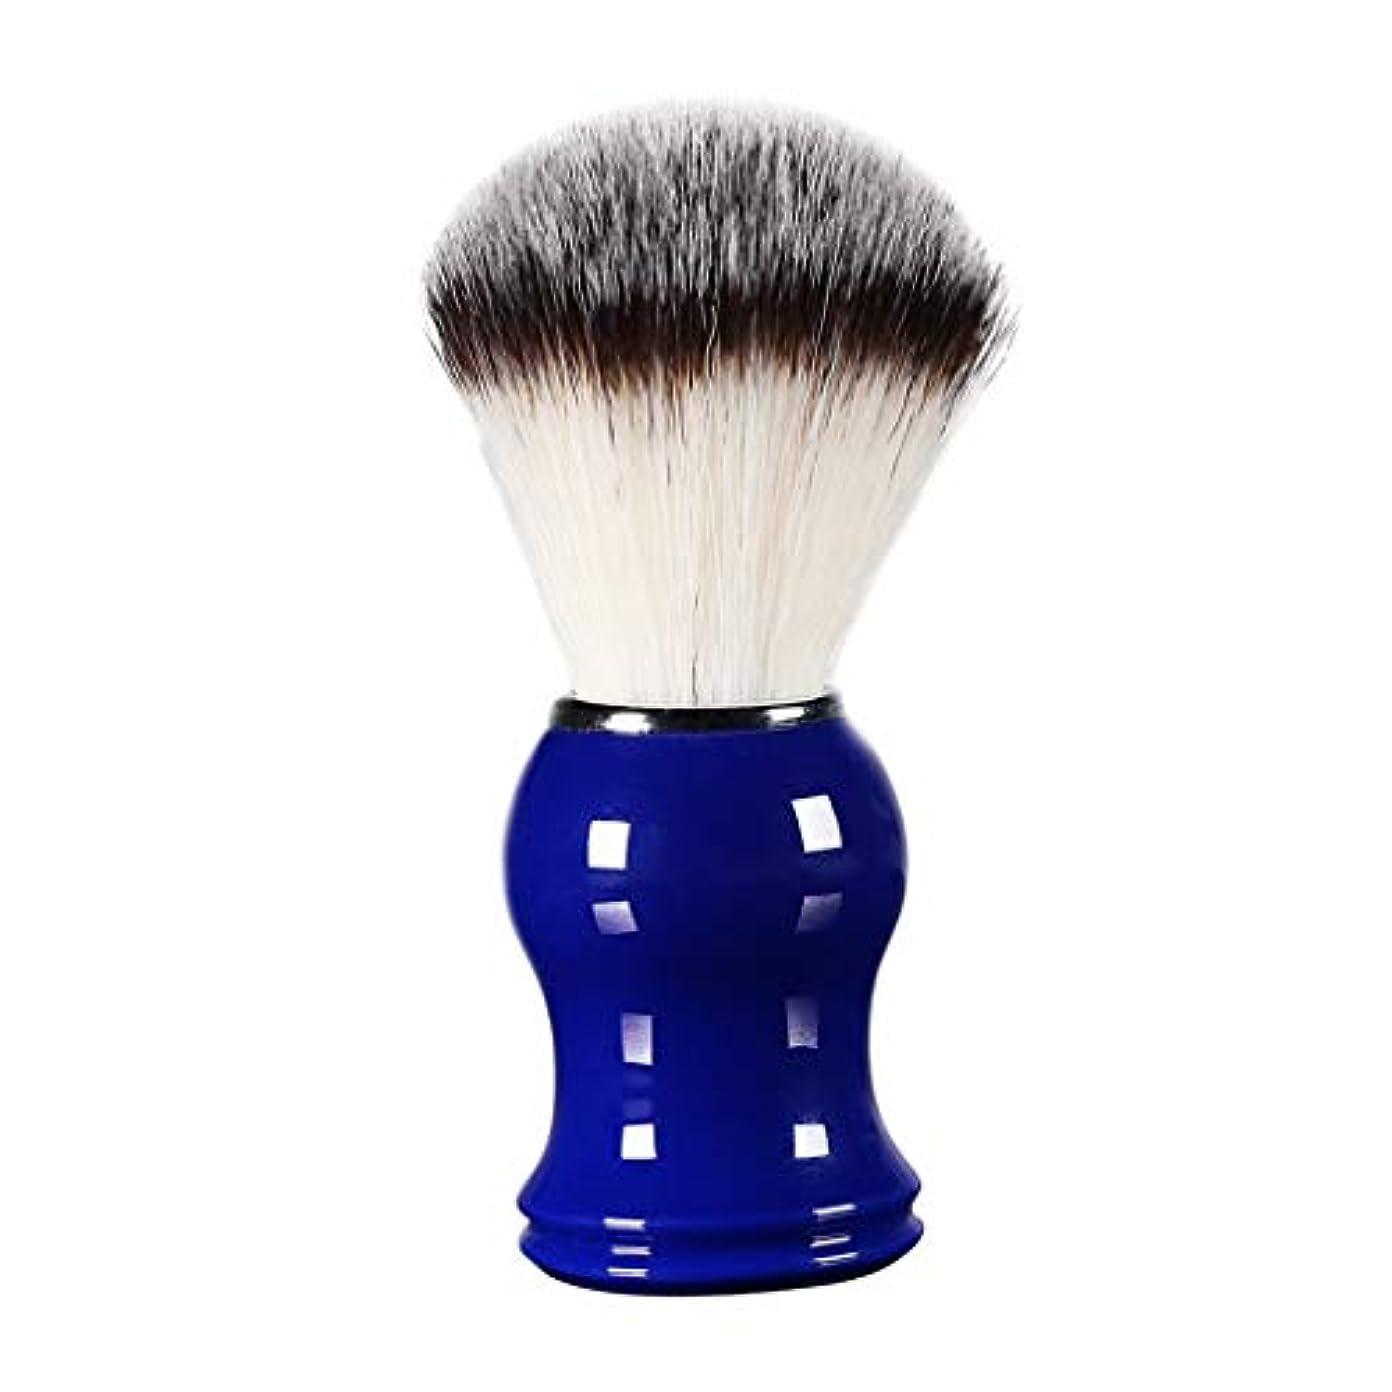 コンチネンタルパーク騙す床屋 サロン 髭剃り シェービングブラシ メンズ 泡立ち 洗顔 理容 約11cm